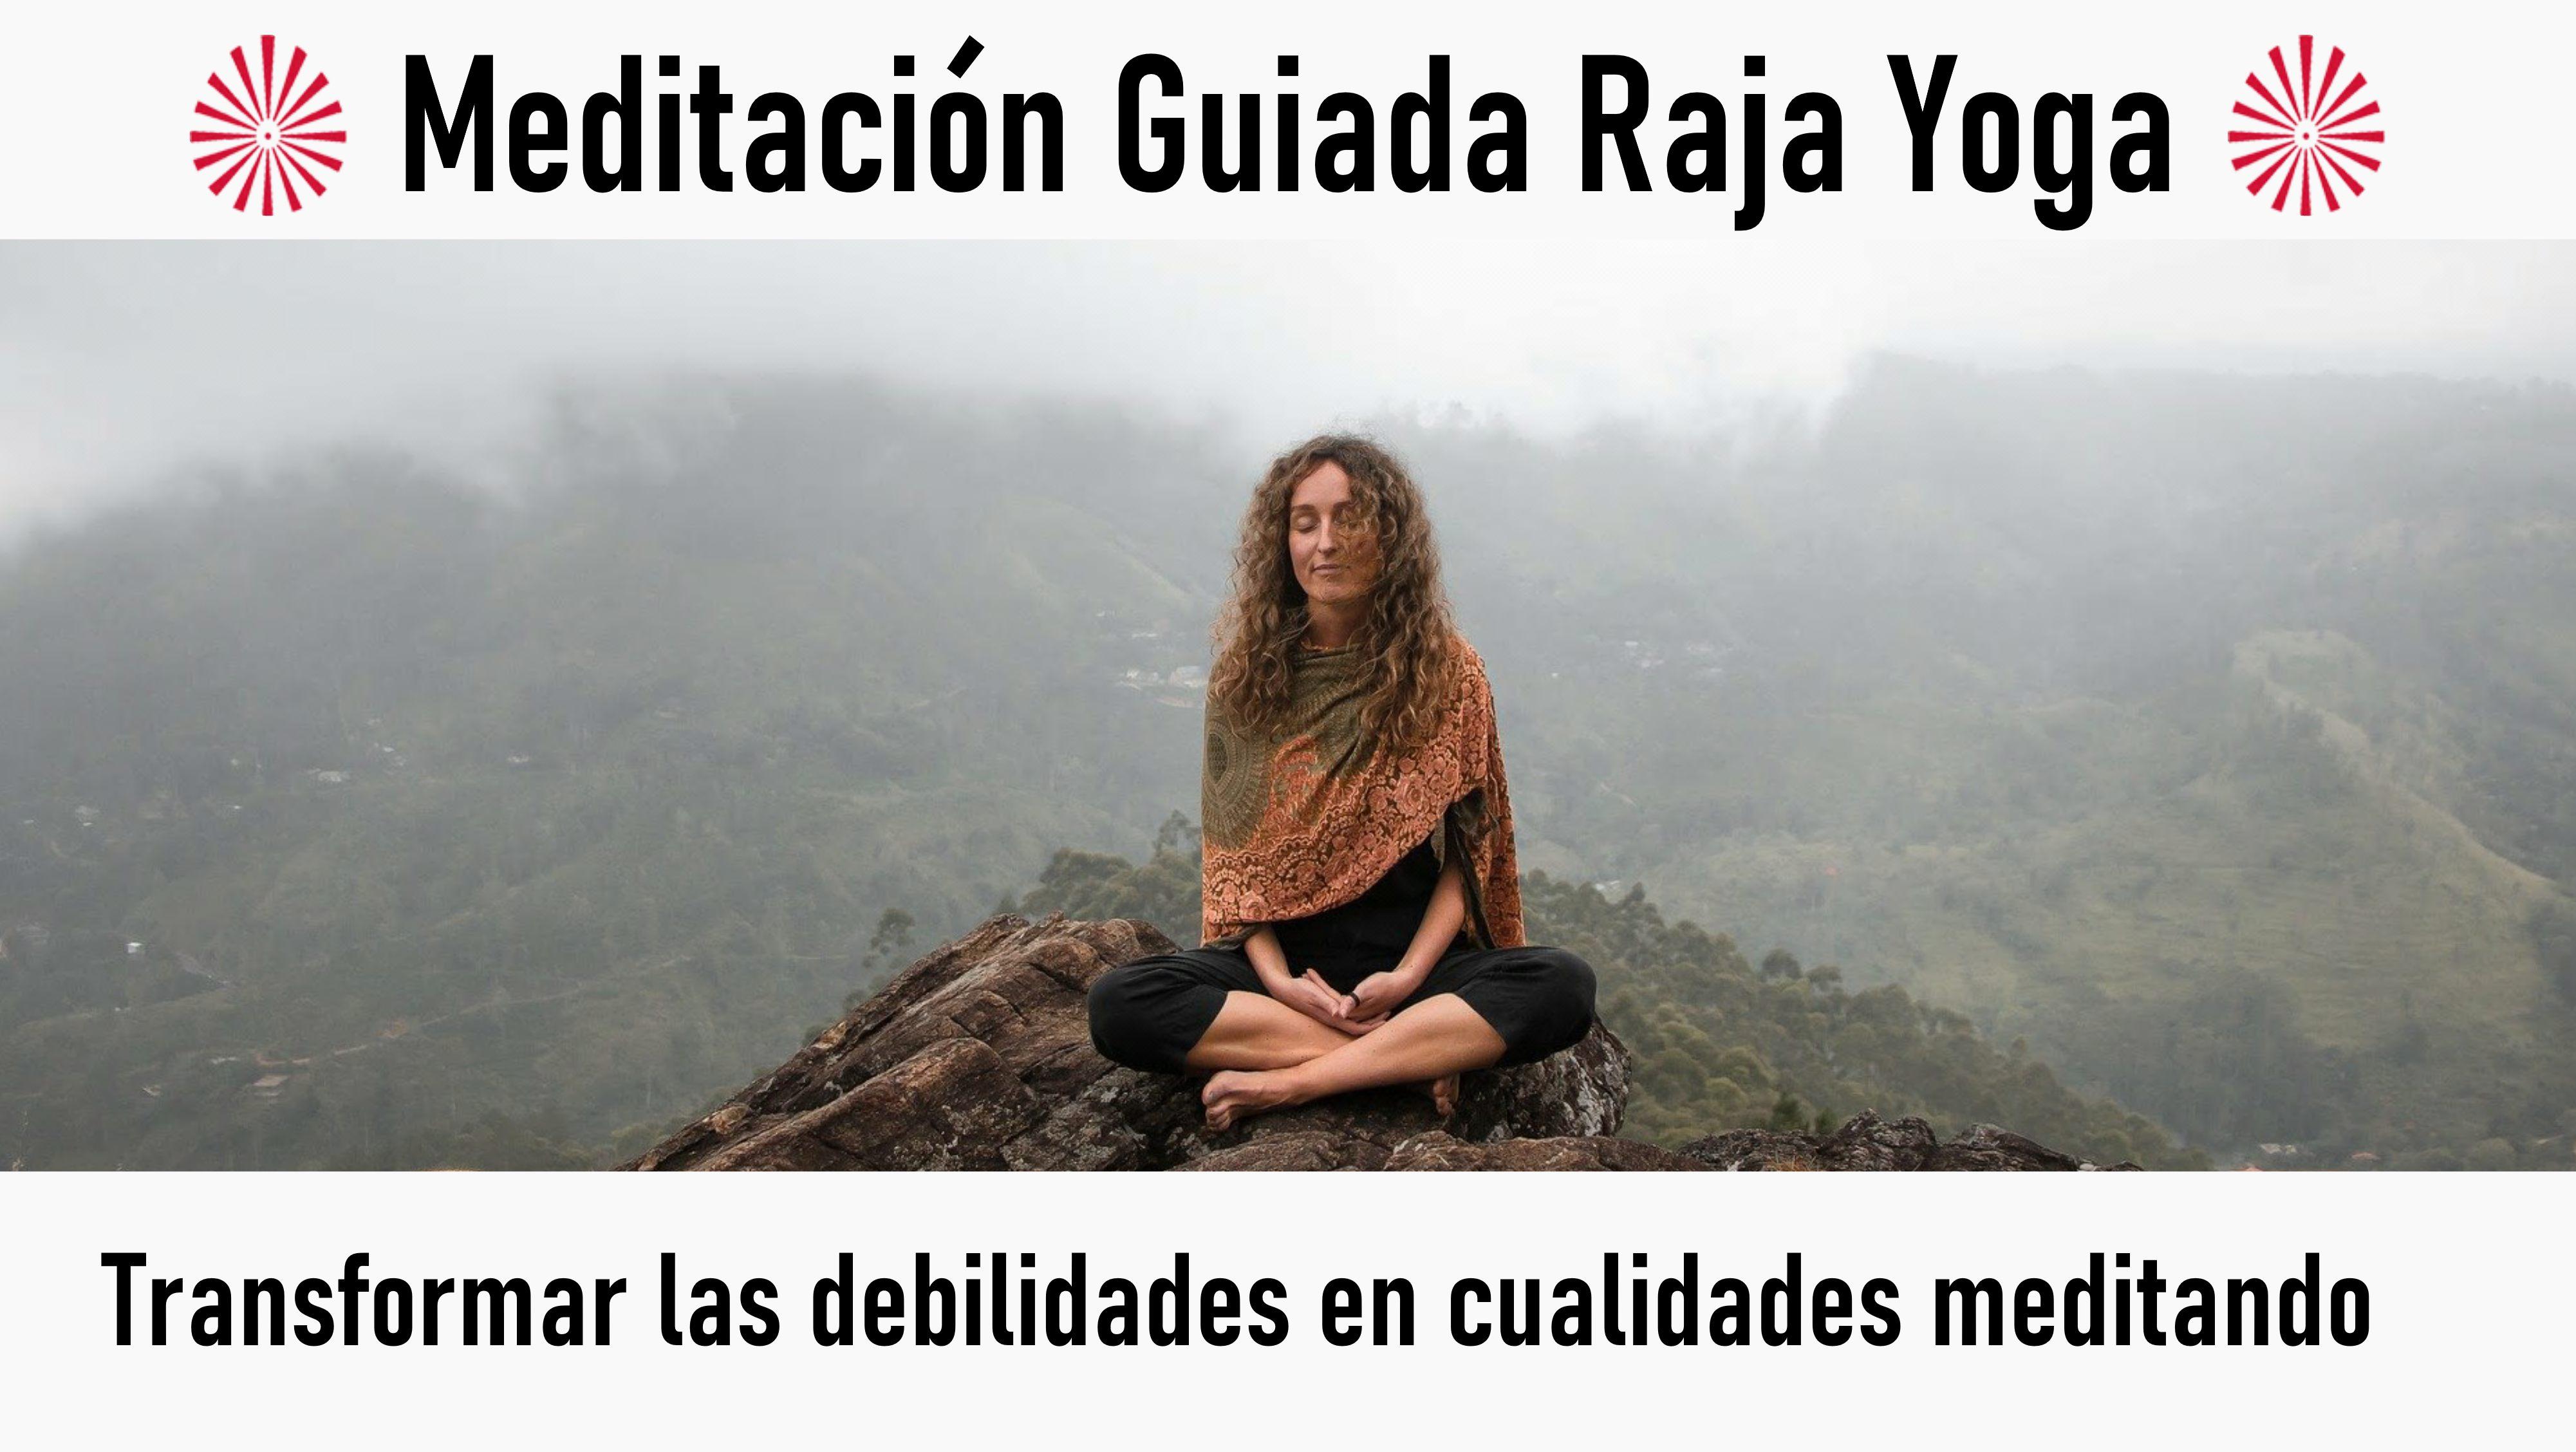 5 Agosto 2020 Meditación guiada: Transformar las debilidades en cualidades meditando